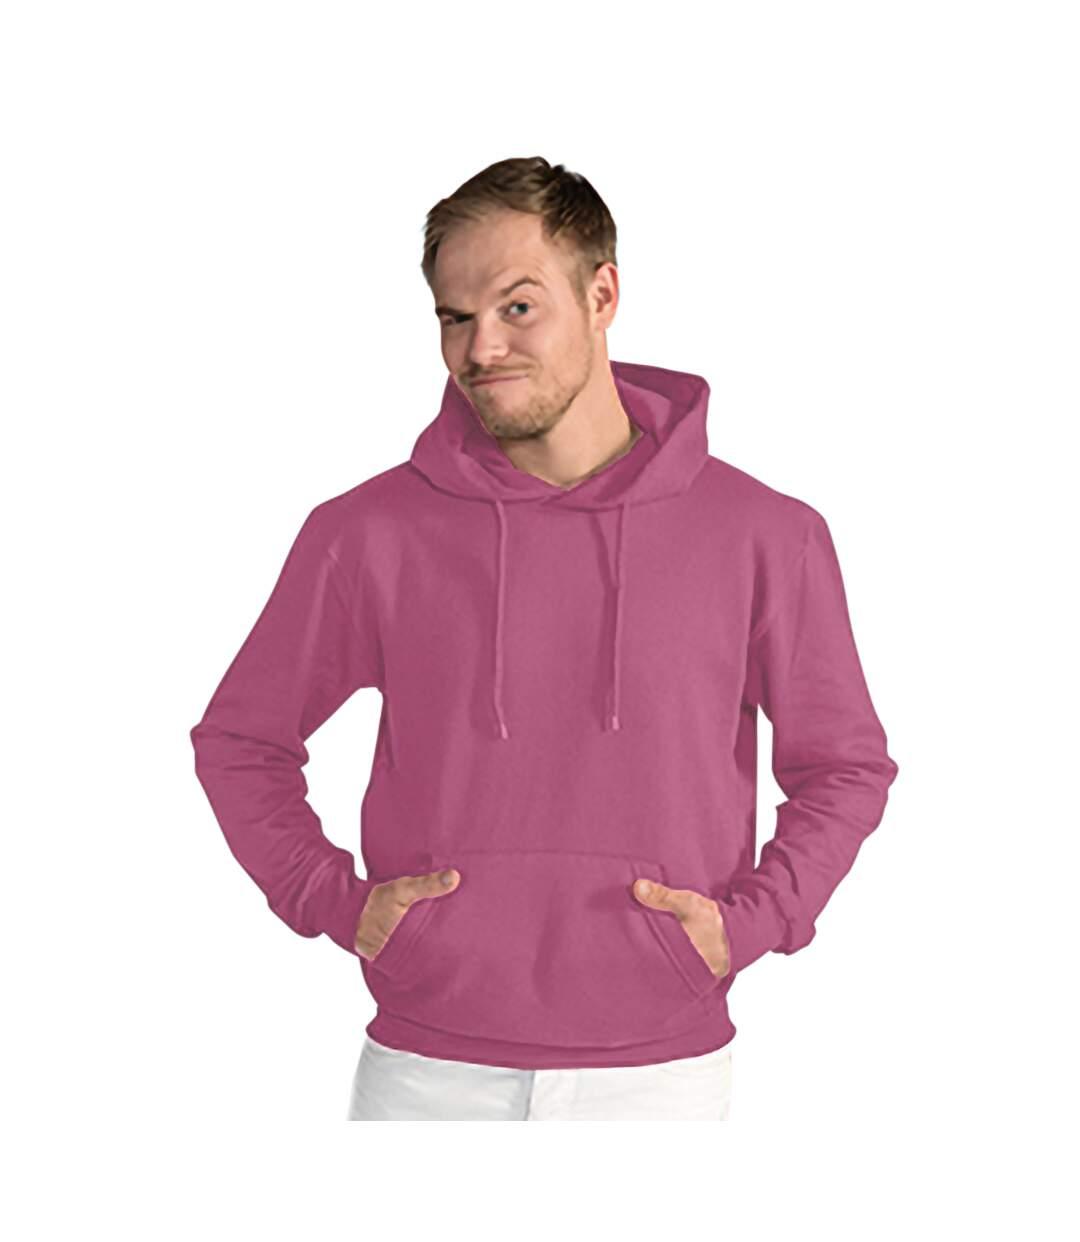 SG Mens Plain Hooded Sweatshirt Top / Hoodie (Cassis) - UTBC1072